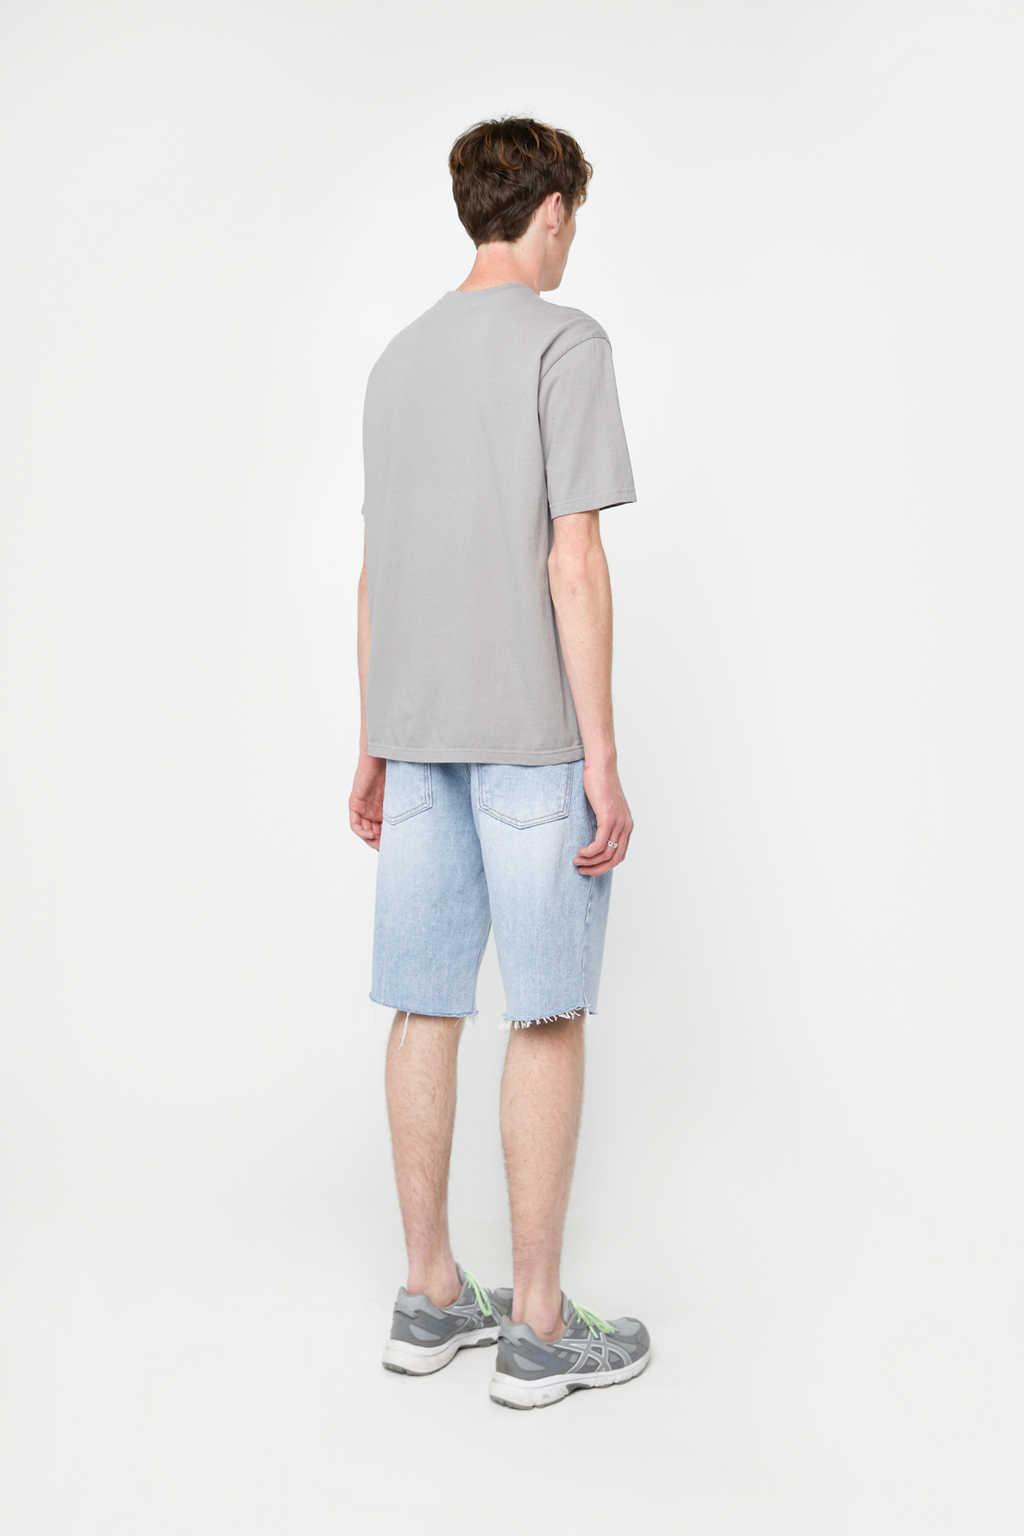 TShirt K006M Gray 4